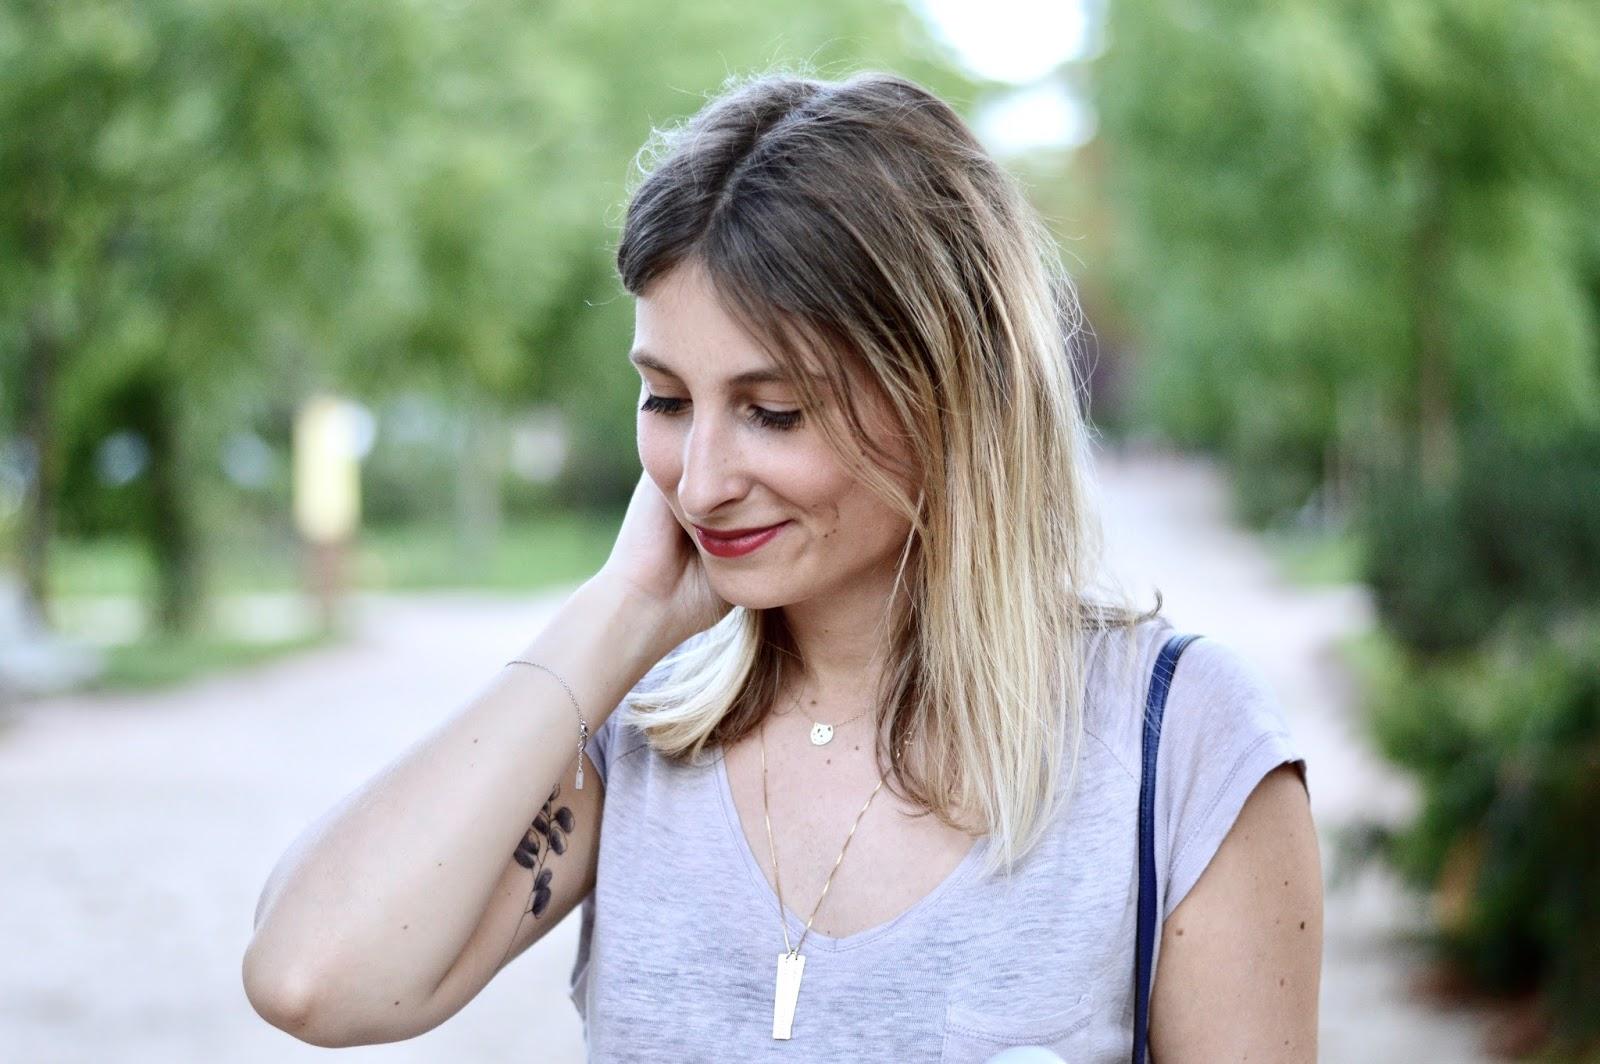 look Instant Couleur Aout Lavande Glace Somewhere Kiko tatouage sioou